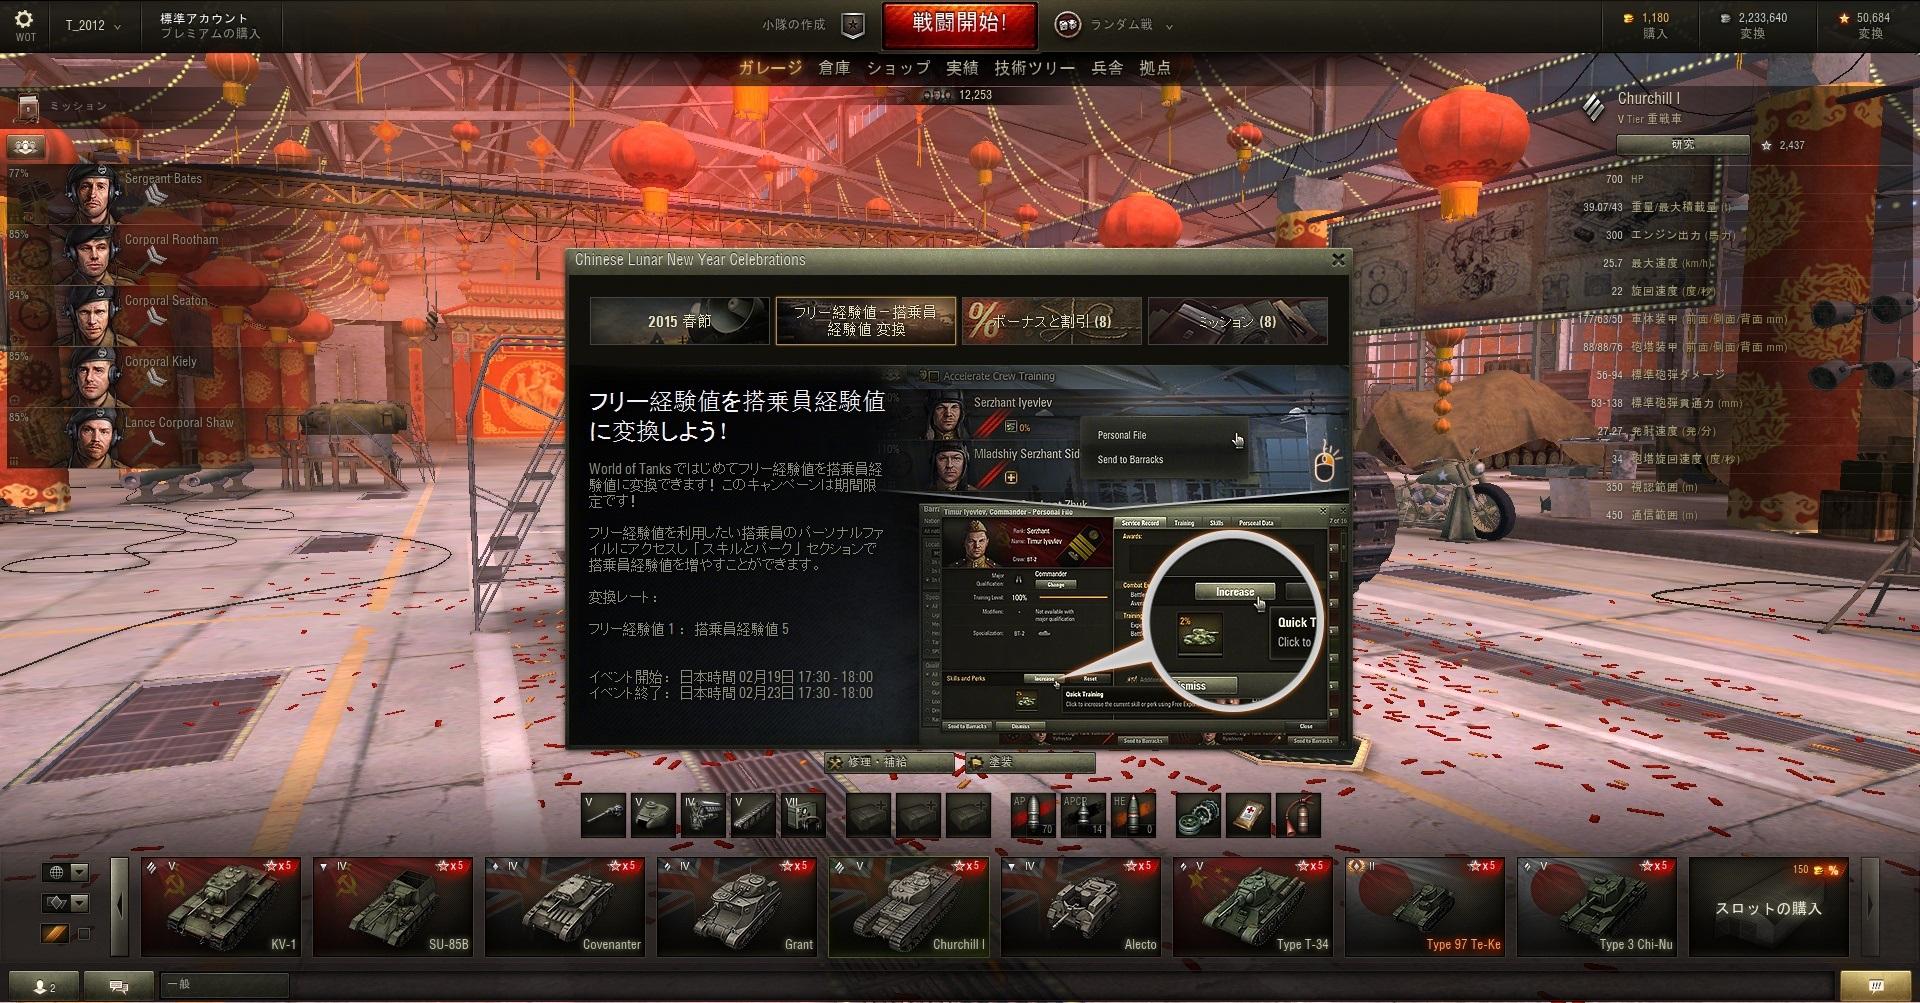 Какой бонус код для World of tanks на Новый год 2018?